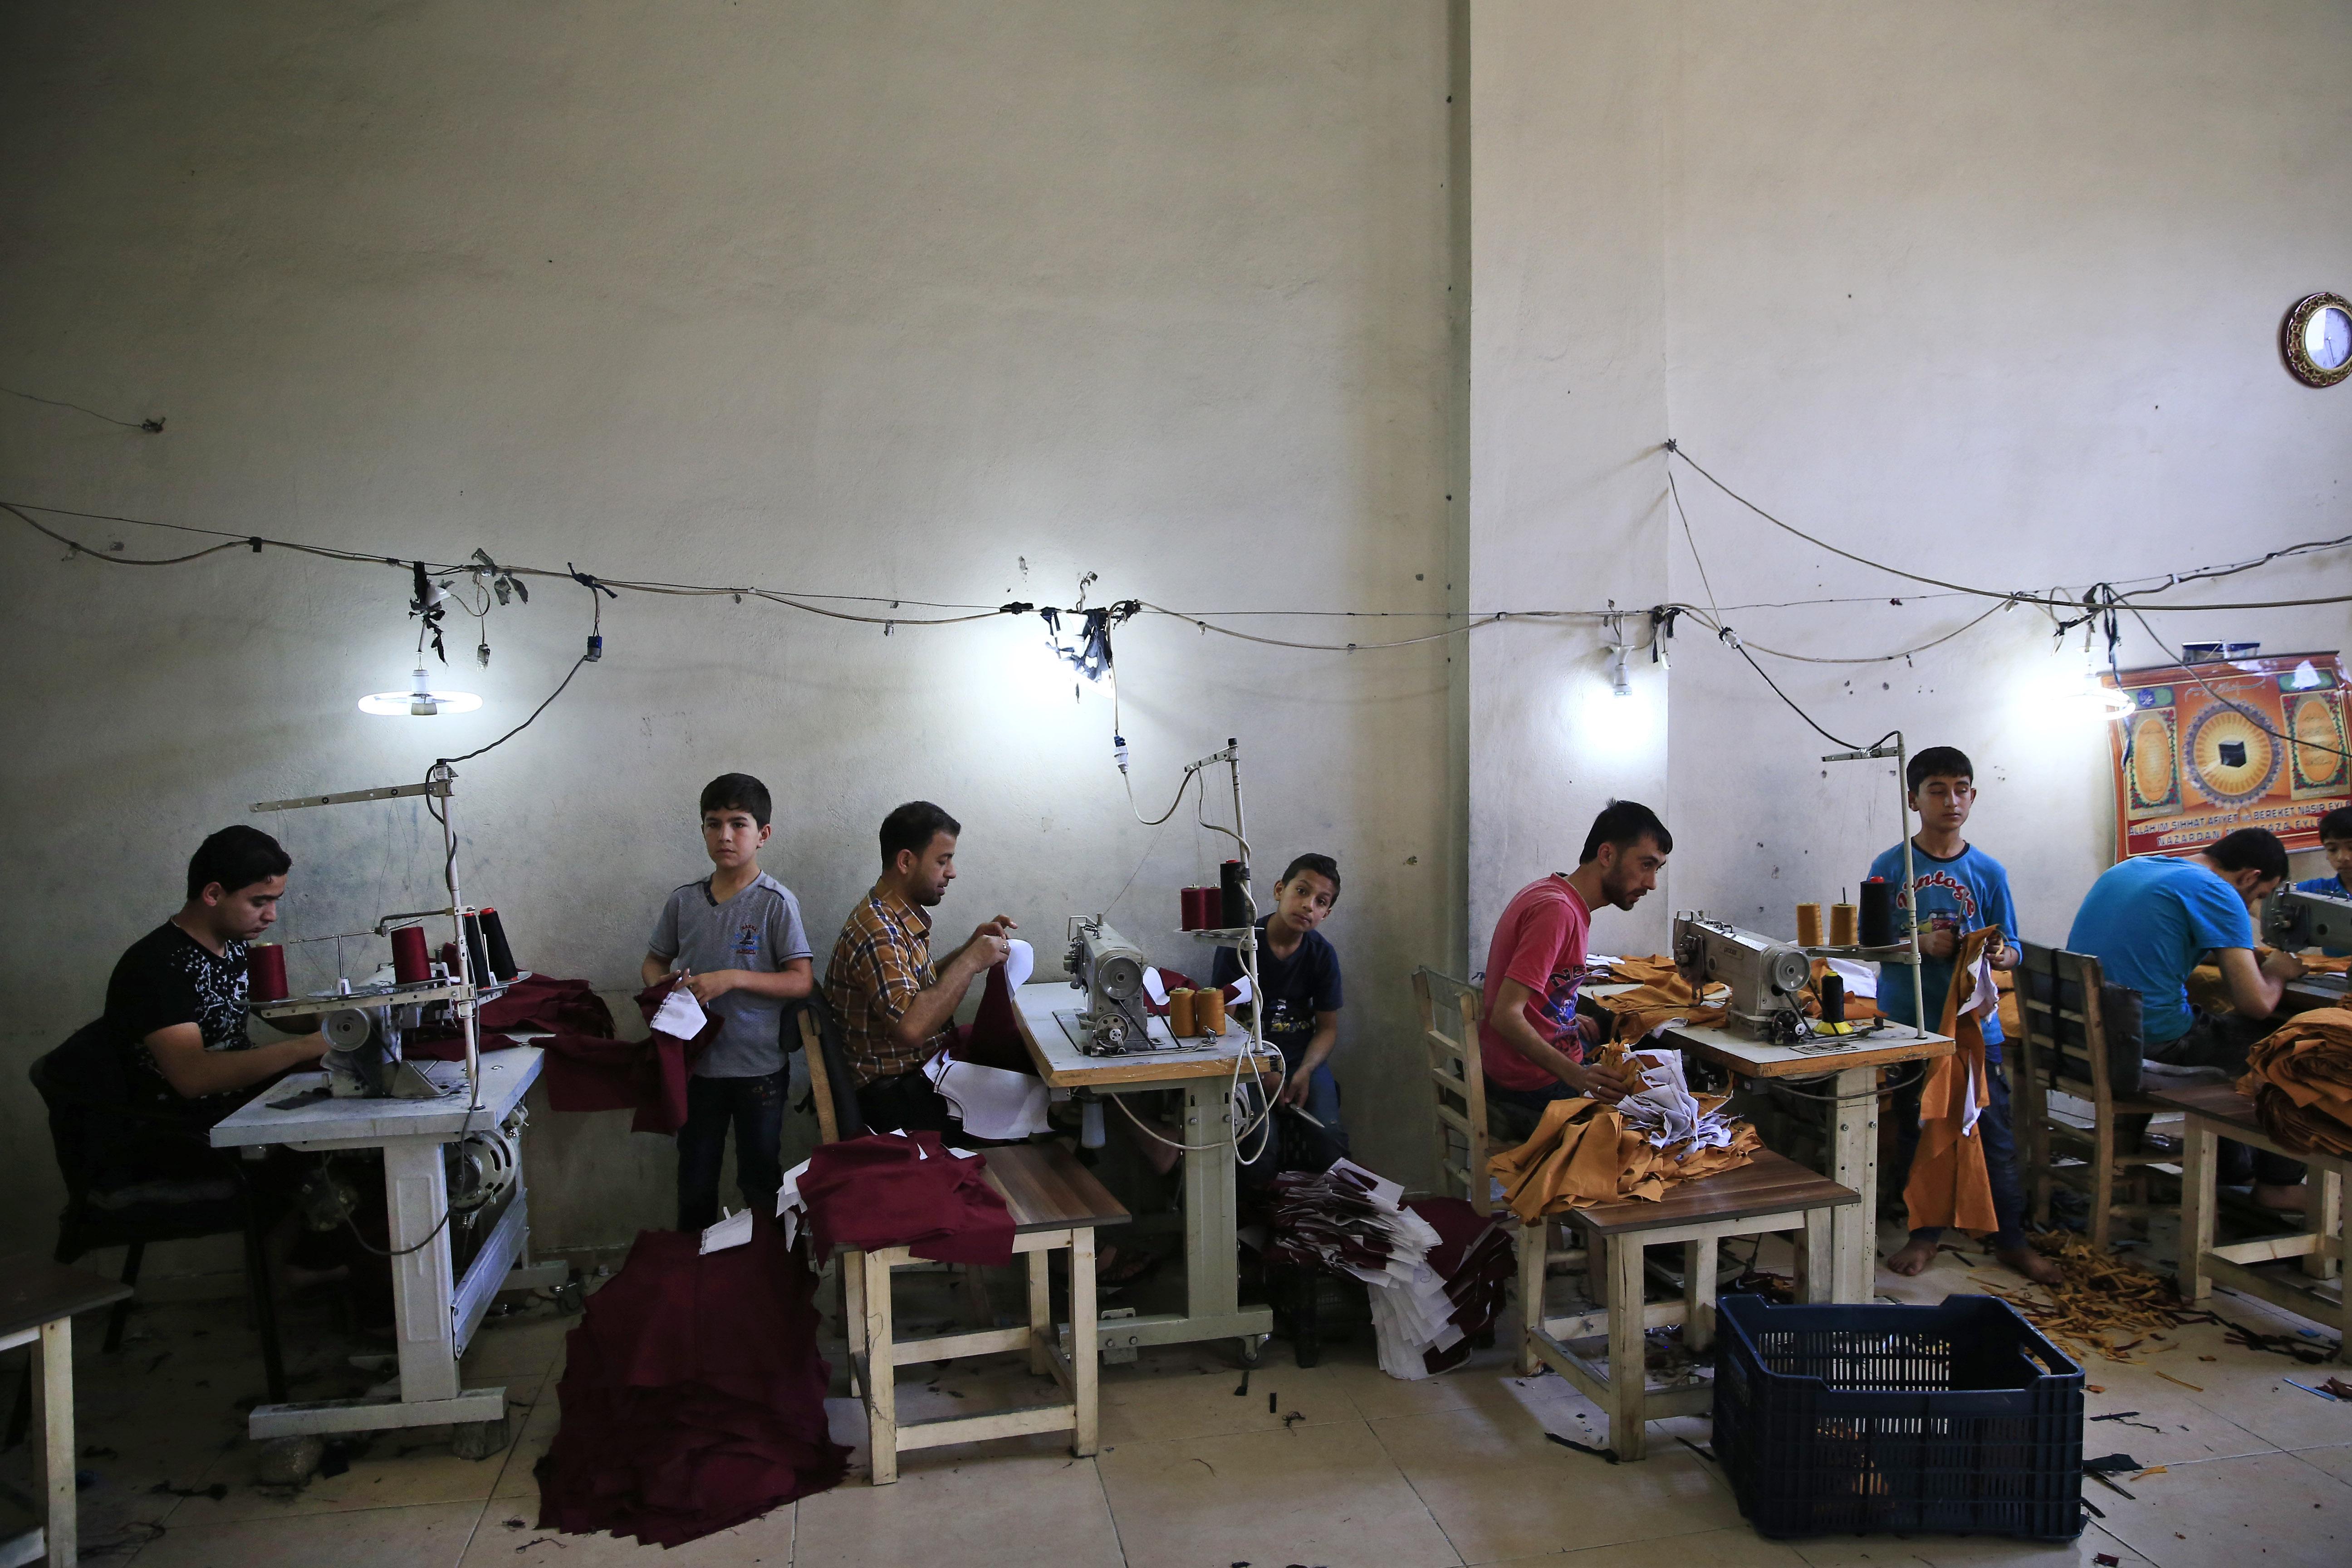 Σύροι πρόσφυγες, ανάμεσά τους και παιδιά, δουλεύουν σε βιοτεχνία ενδυμάτων στο Gaziantep, ΝΑ Τουρκία, © Λευτέρης Πιταράκης/Associated Press